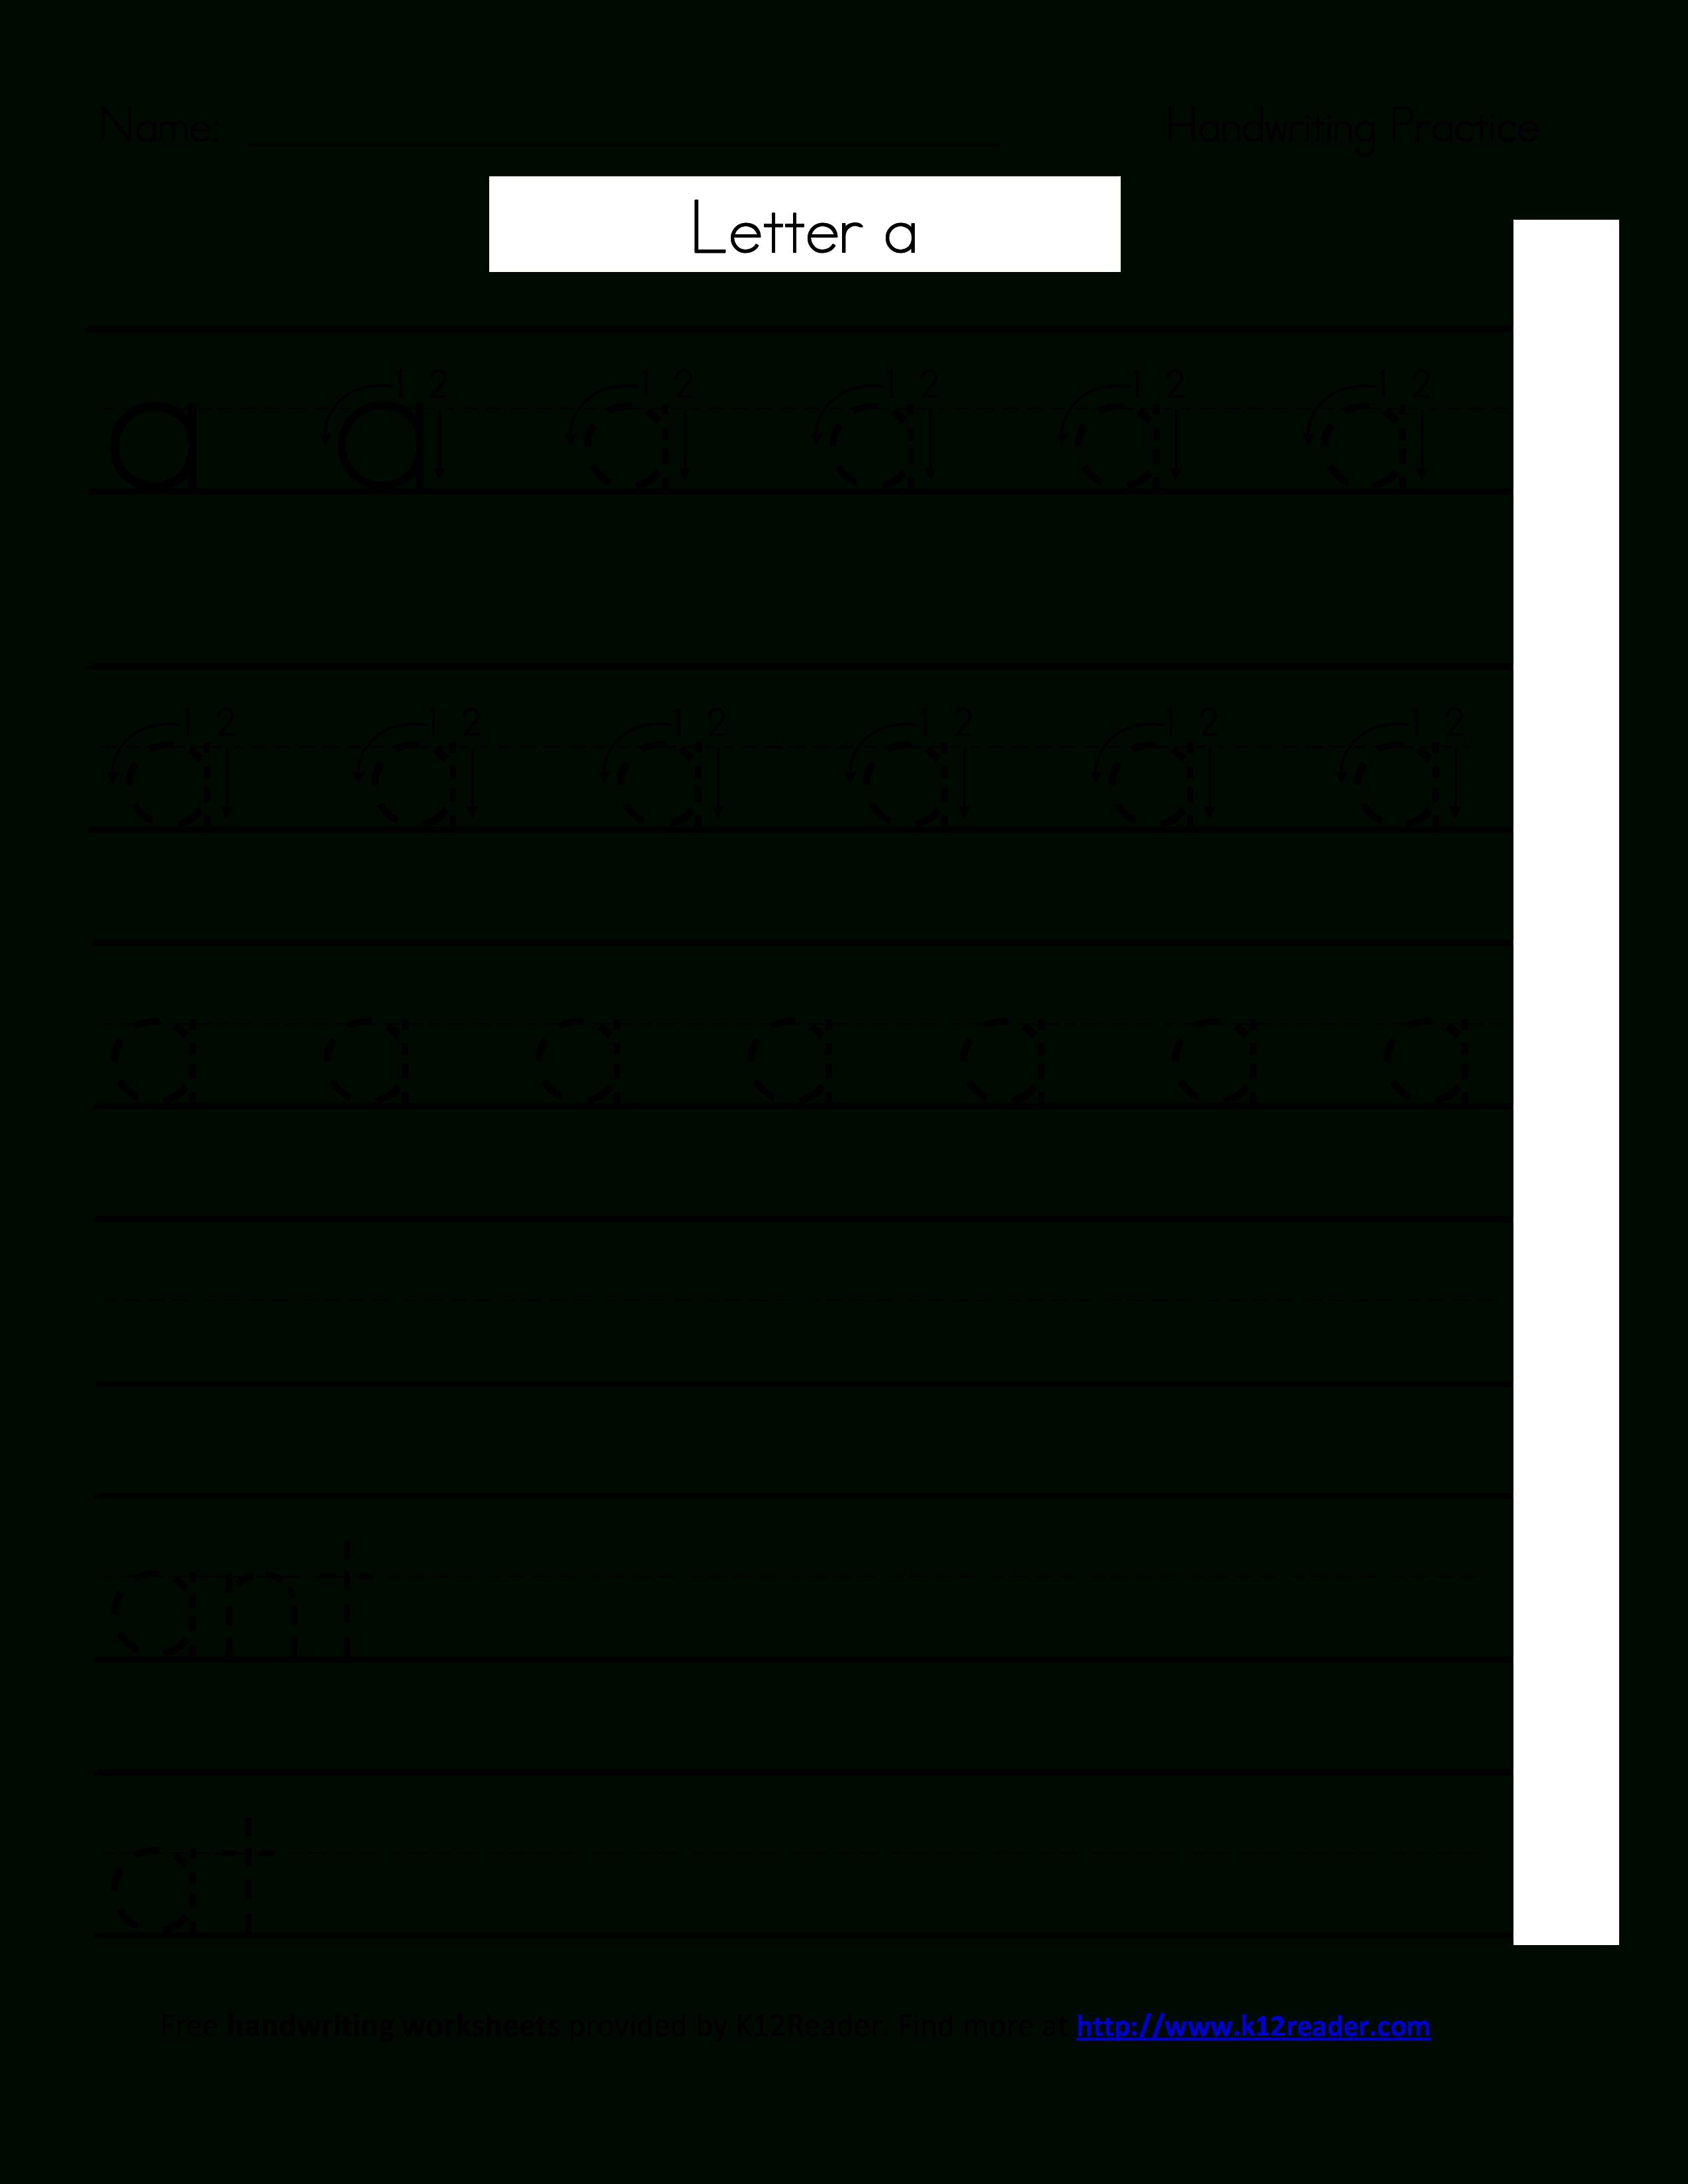 Free Printable Handwriting Worksheets | Templates At - Free Printable Blank Handwriting Worksheets